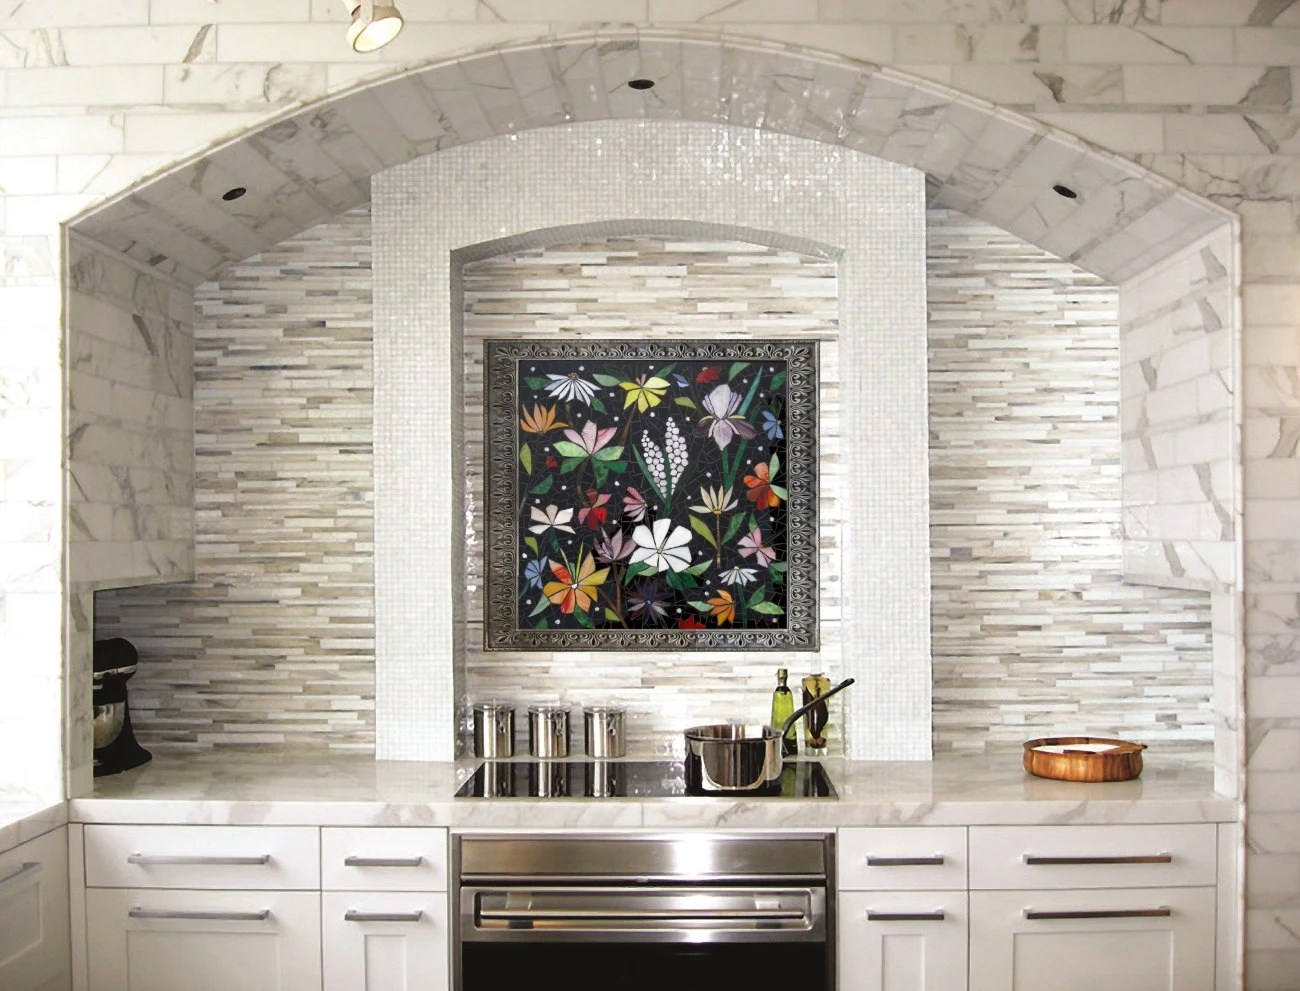 kitchen mosaic lowes stoves custom backsplash art hand cut stained glass etsy image 0